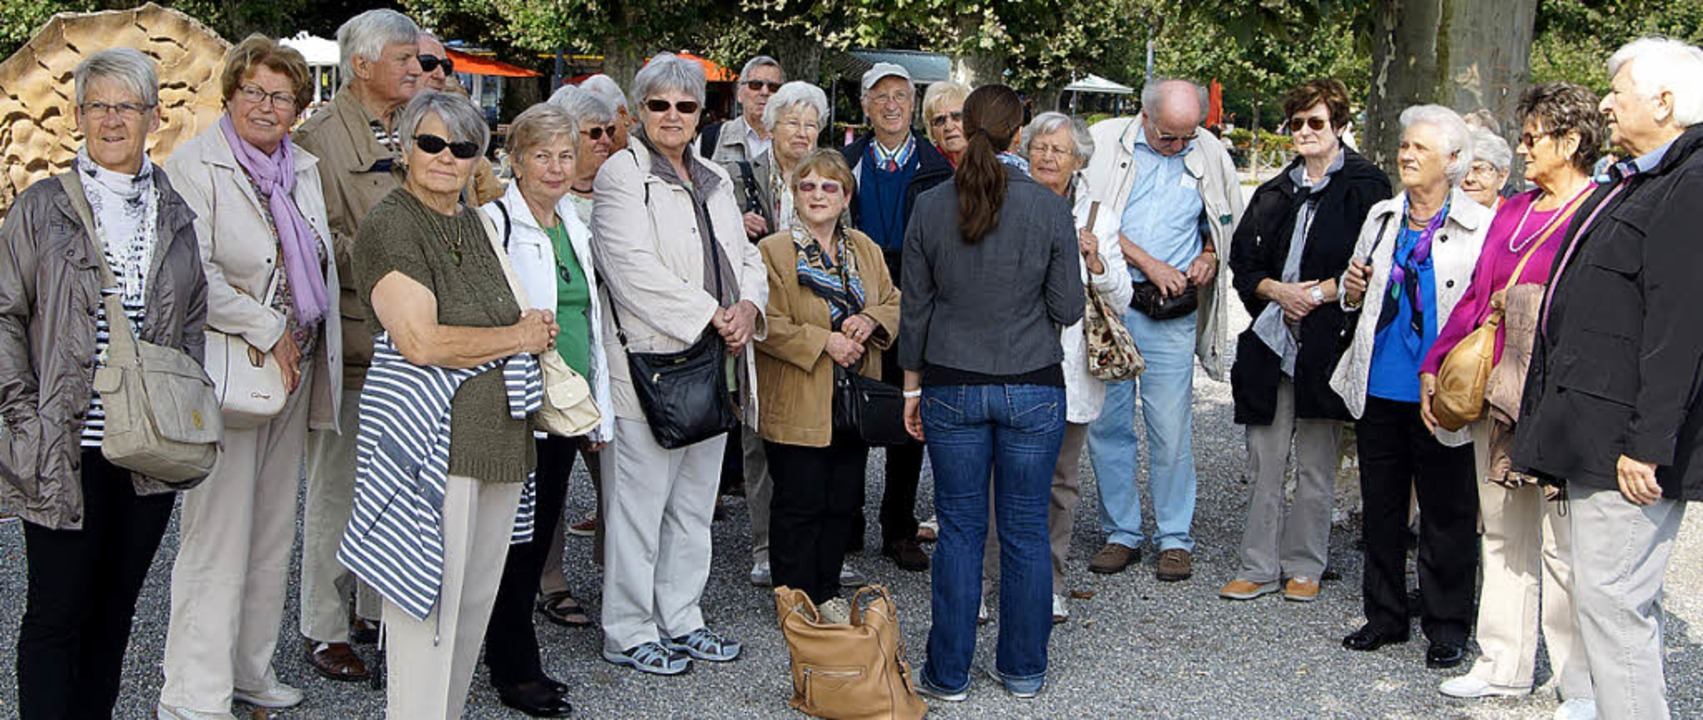 Aufmerksame Zuhörer: Eine Gruppe des o...ises bei der Stadtführung in Konstanz.  | Foto: Kohler